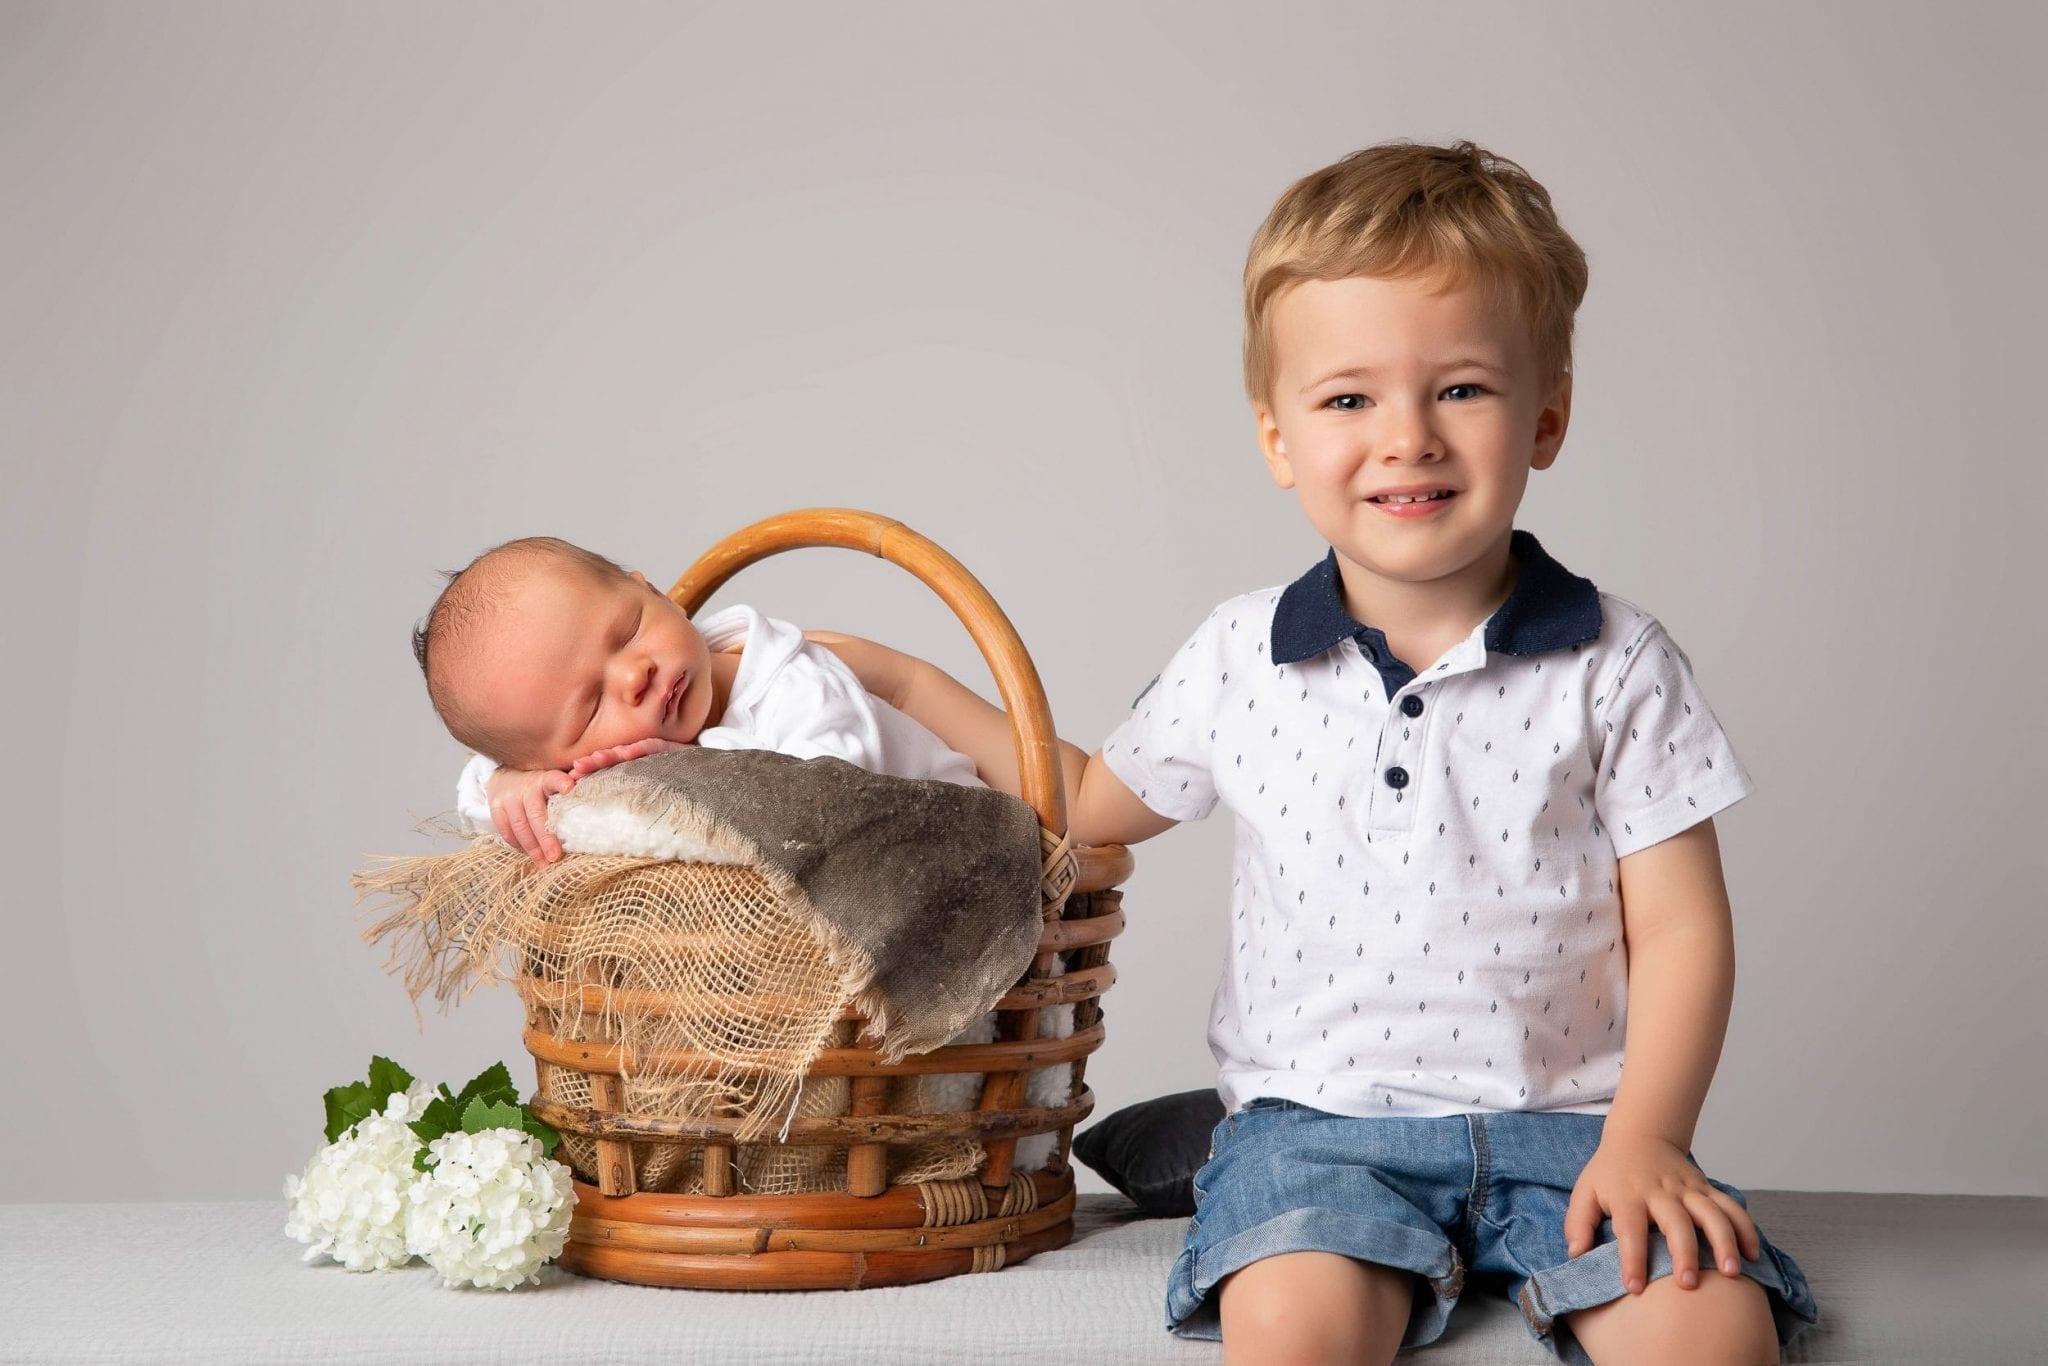 photographe bébé, famille, frère et sœur réalisée au Studio END à Naucelle en Aveyron